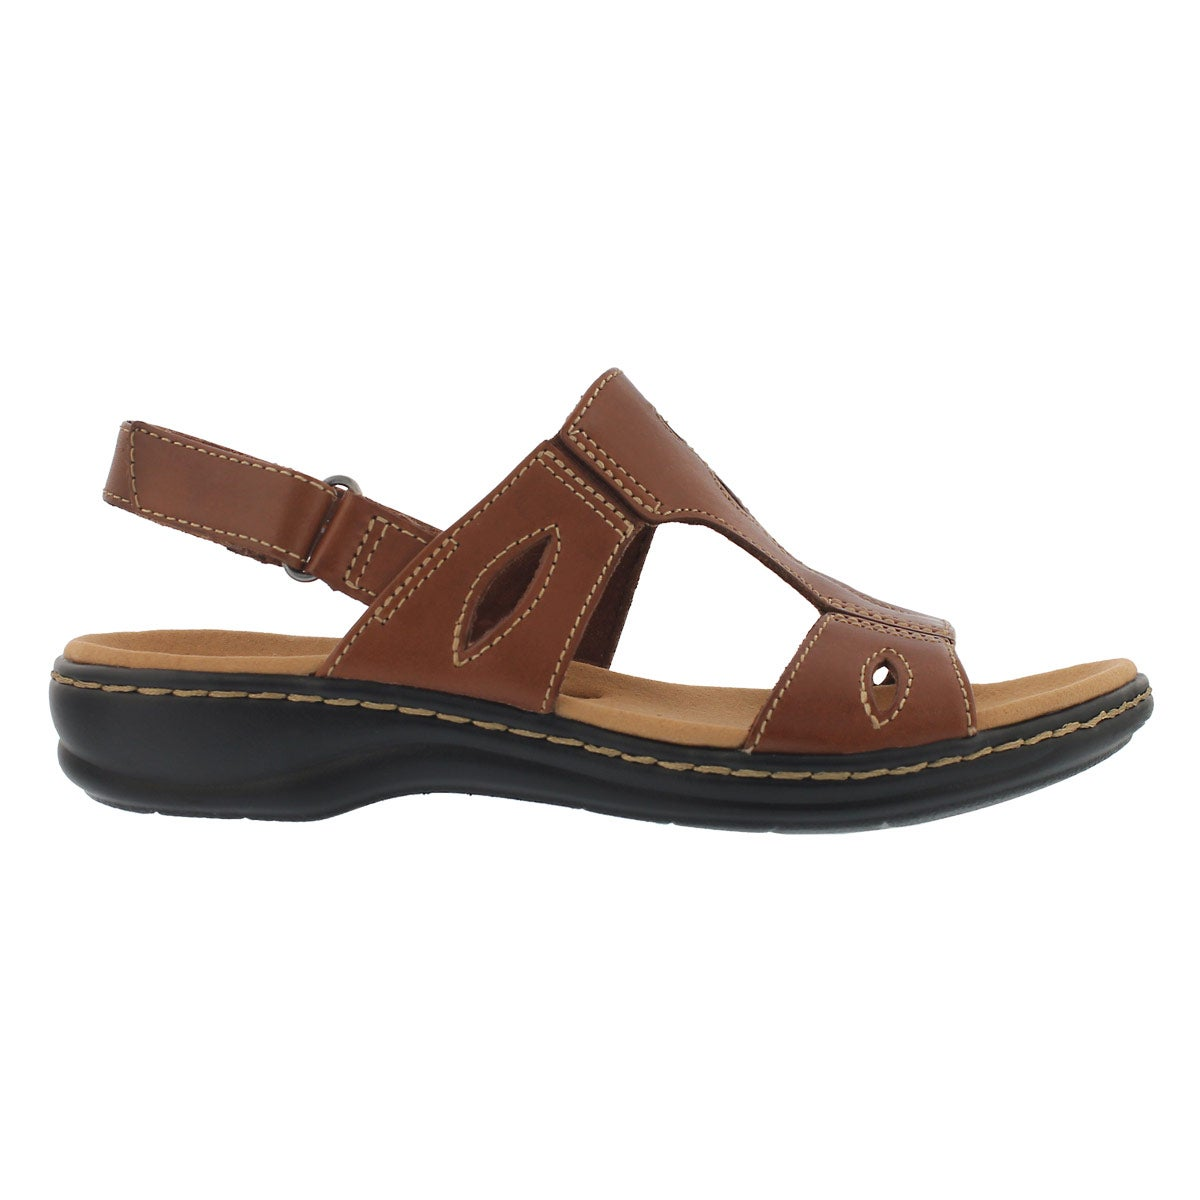 Lds Leisa Lakelyn tan casual sandal